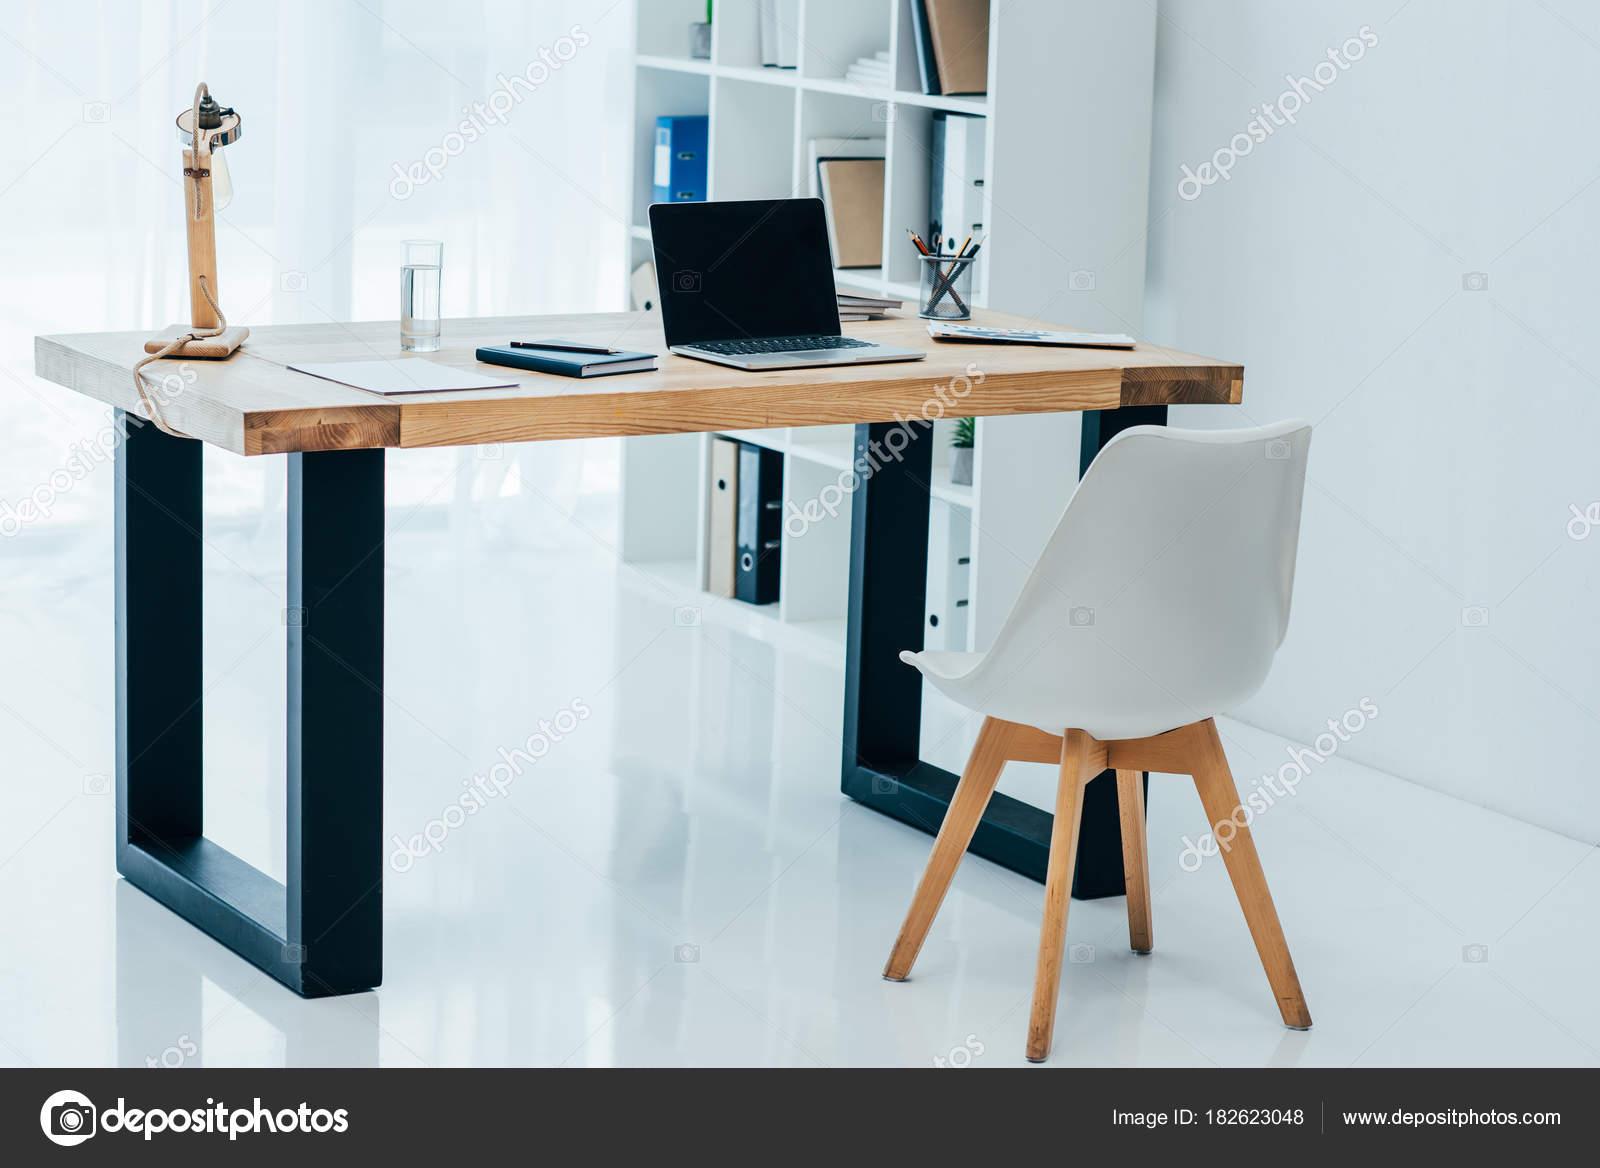 Simple interiore dell ufficio moderno bianco con for Arredamento stock